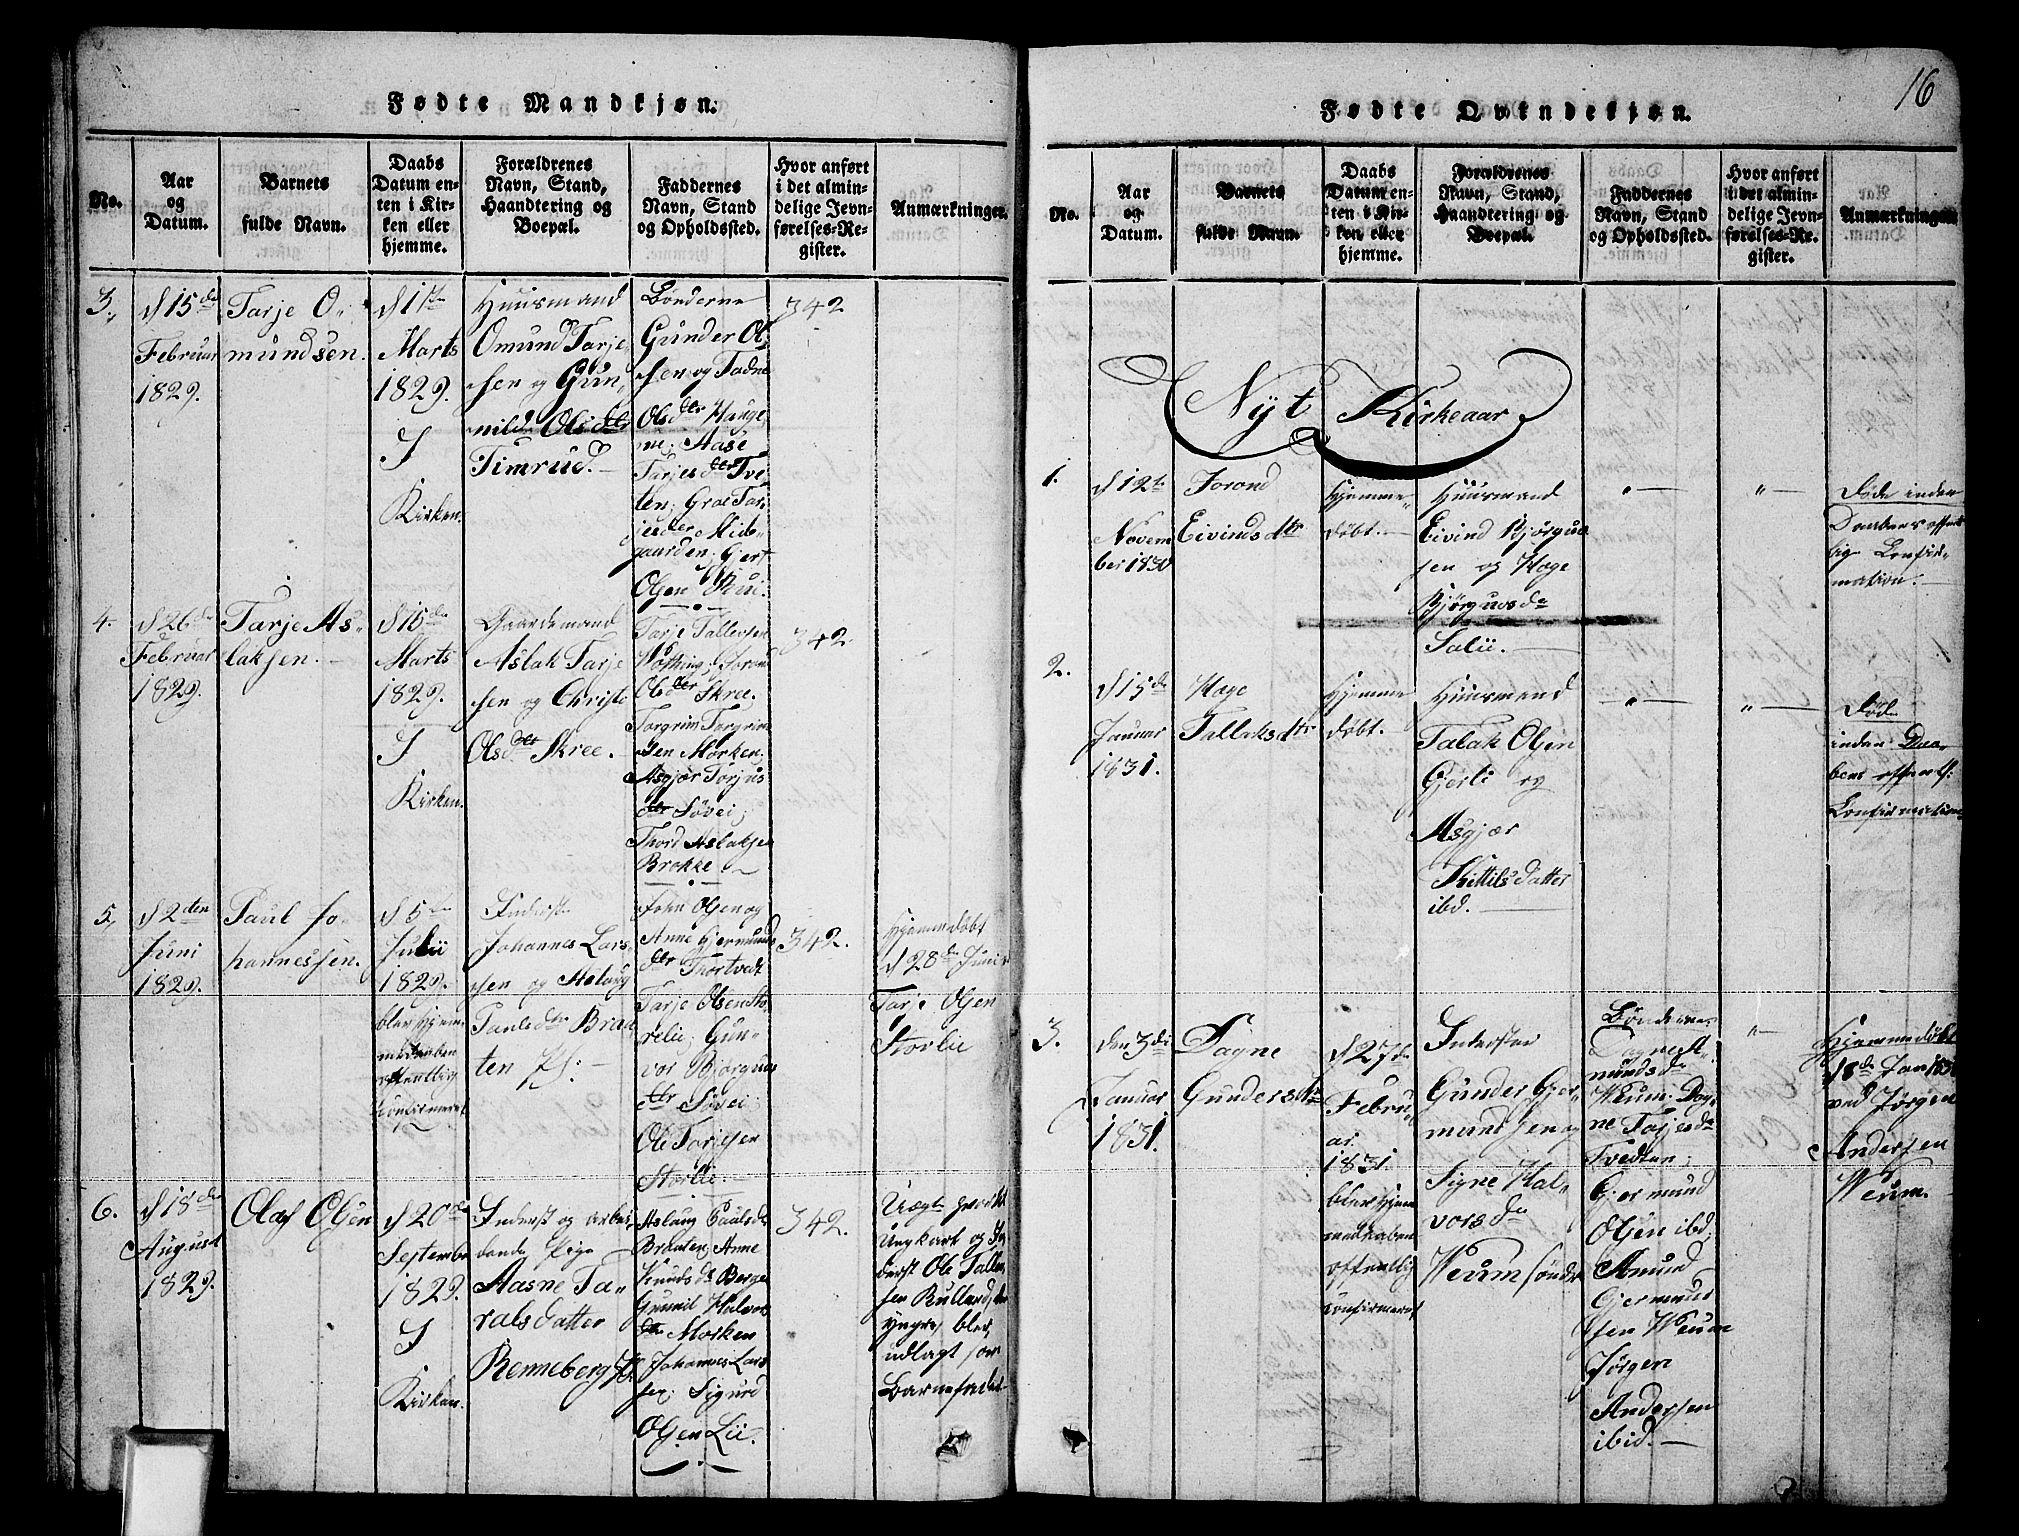 SAKO, Fyresdal kirkebøker, G/Ga/L0003: Klokkerbok nr. I 3, 1815-1863, s. 16